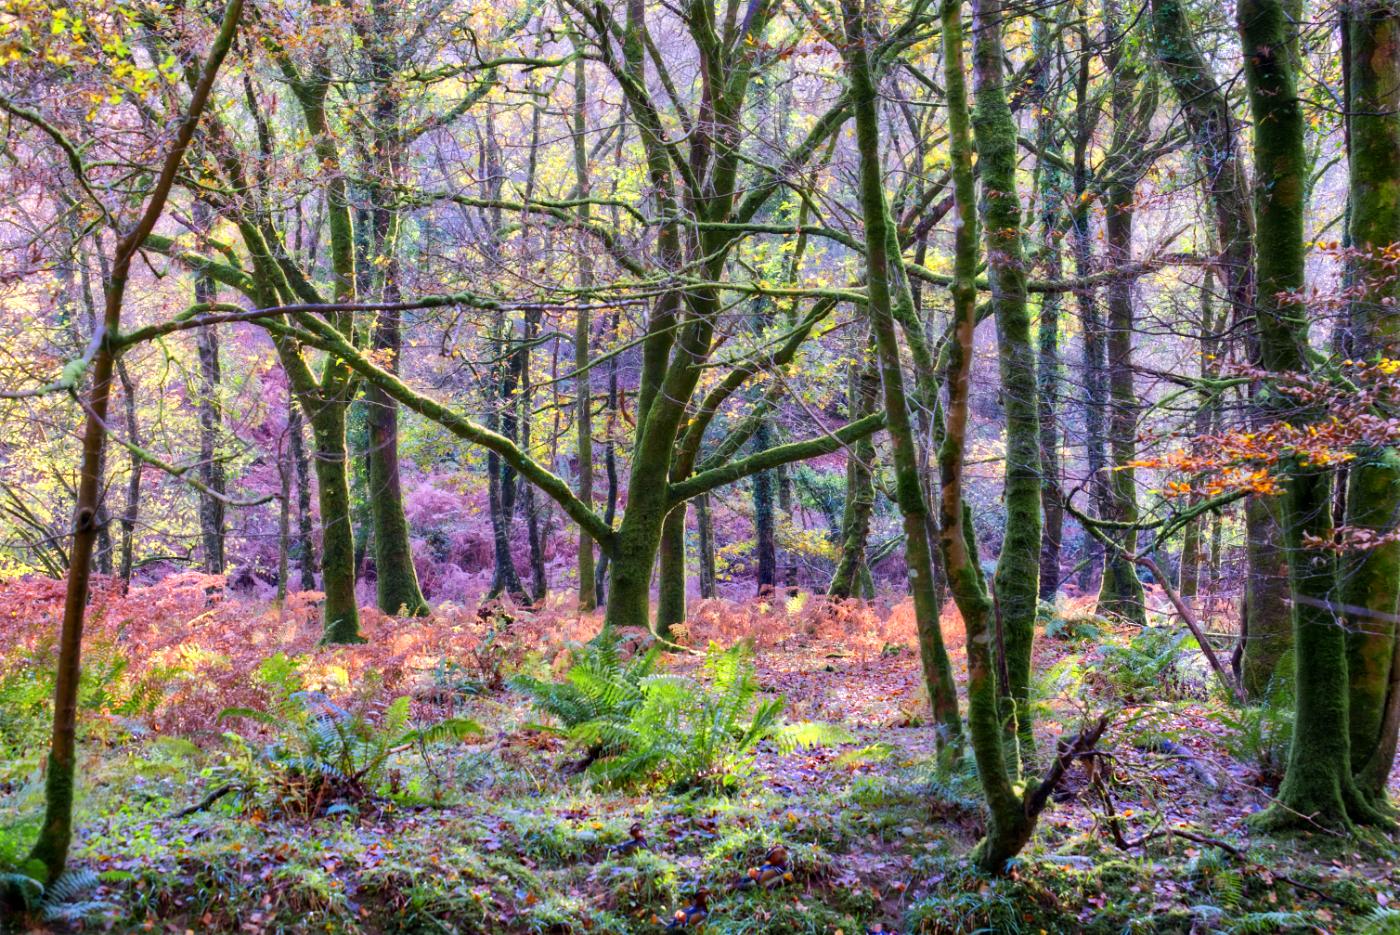 Plymbridge woods, United Kingdom